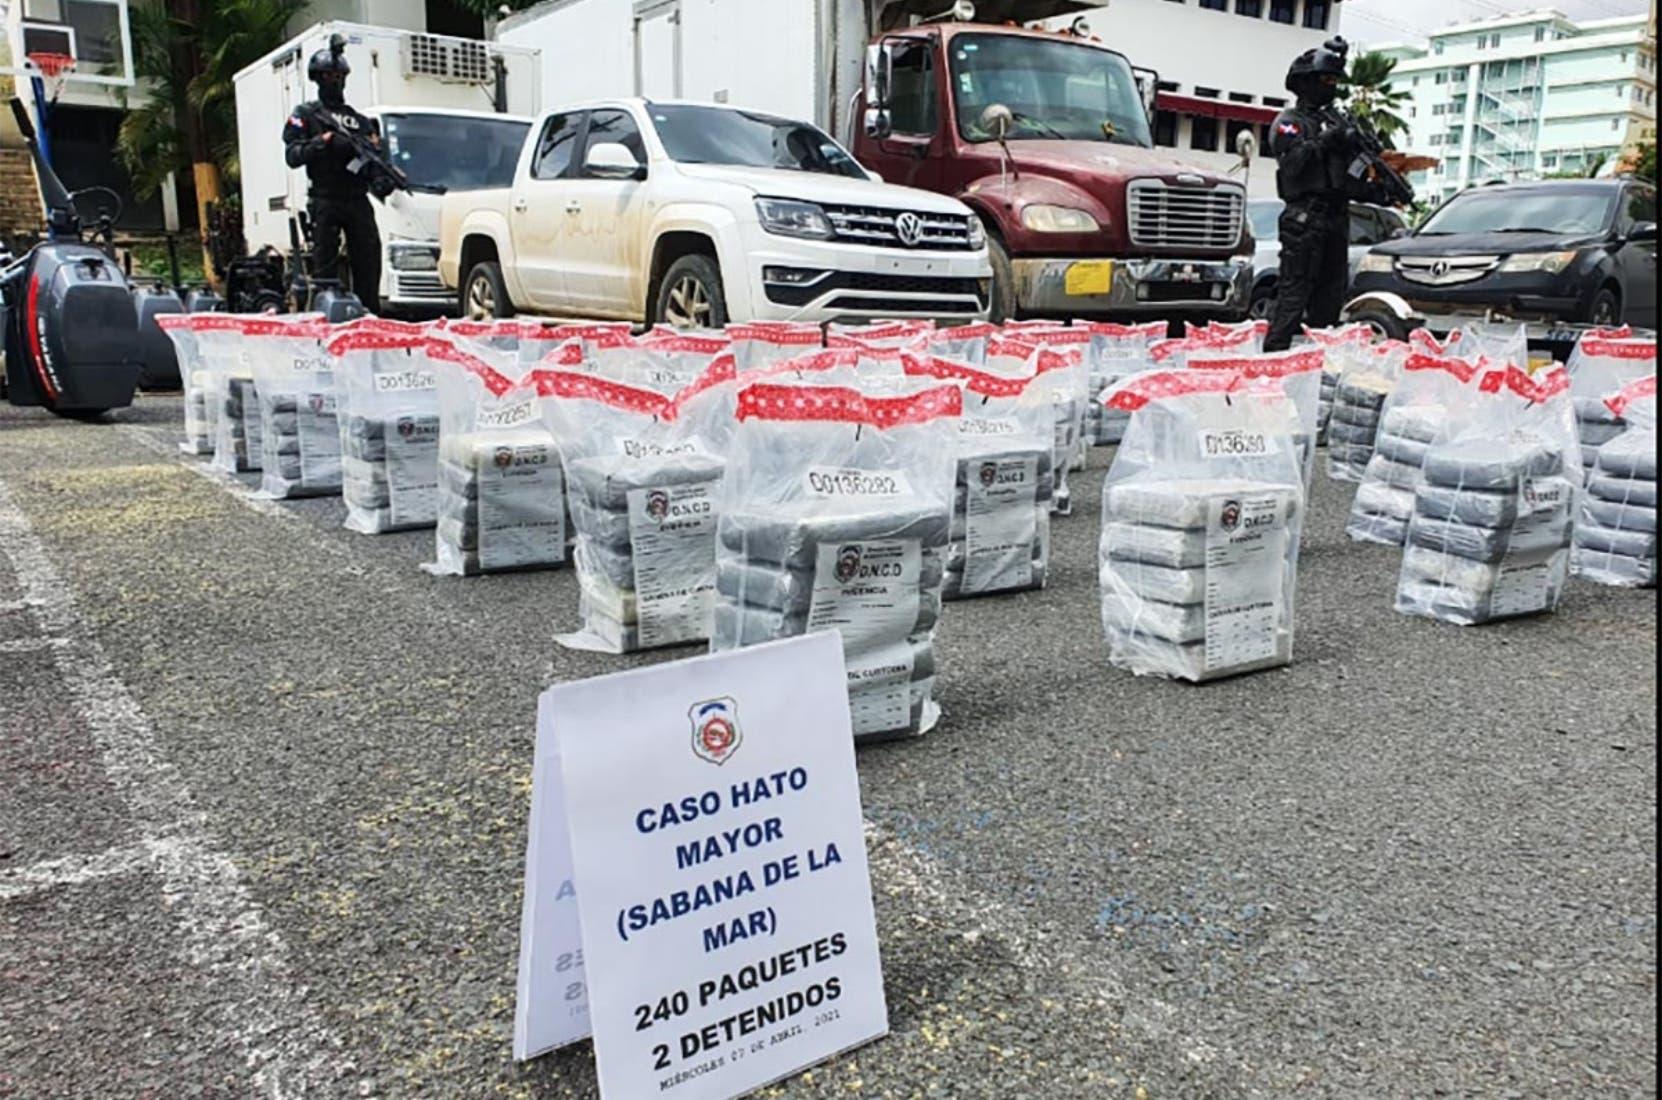 Red usaba pescadería de acopio de drogas llevaba a Puerto Rico